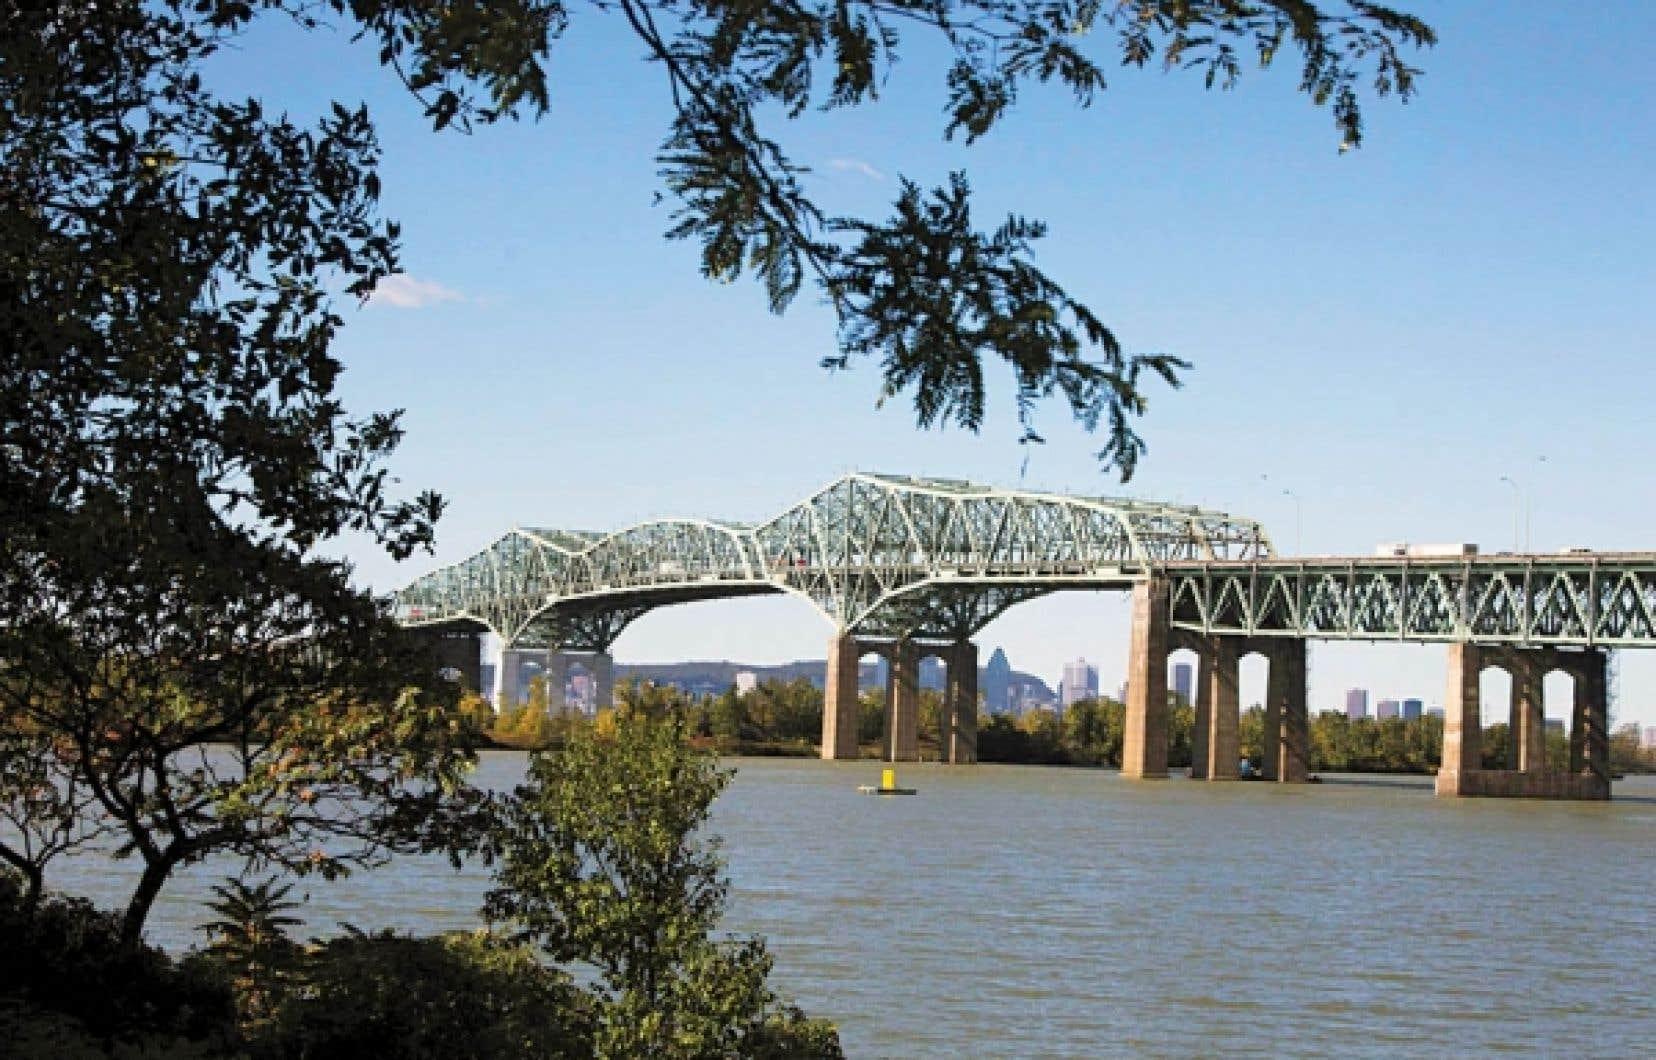 La vue d'ensemble la plus percutante de Montréal, c'est sur la Rive-Sud qu'on la trouve. Et la plus belle entrée de ville, c'est celle qui commence au pont Champlain.<br />